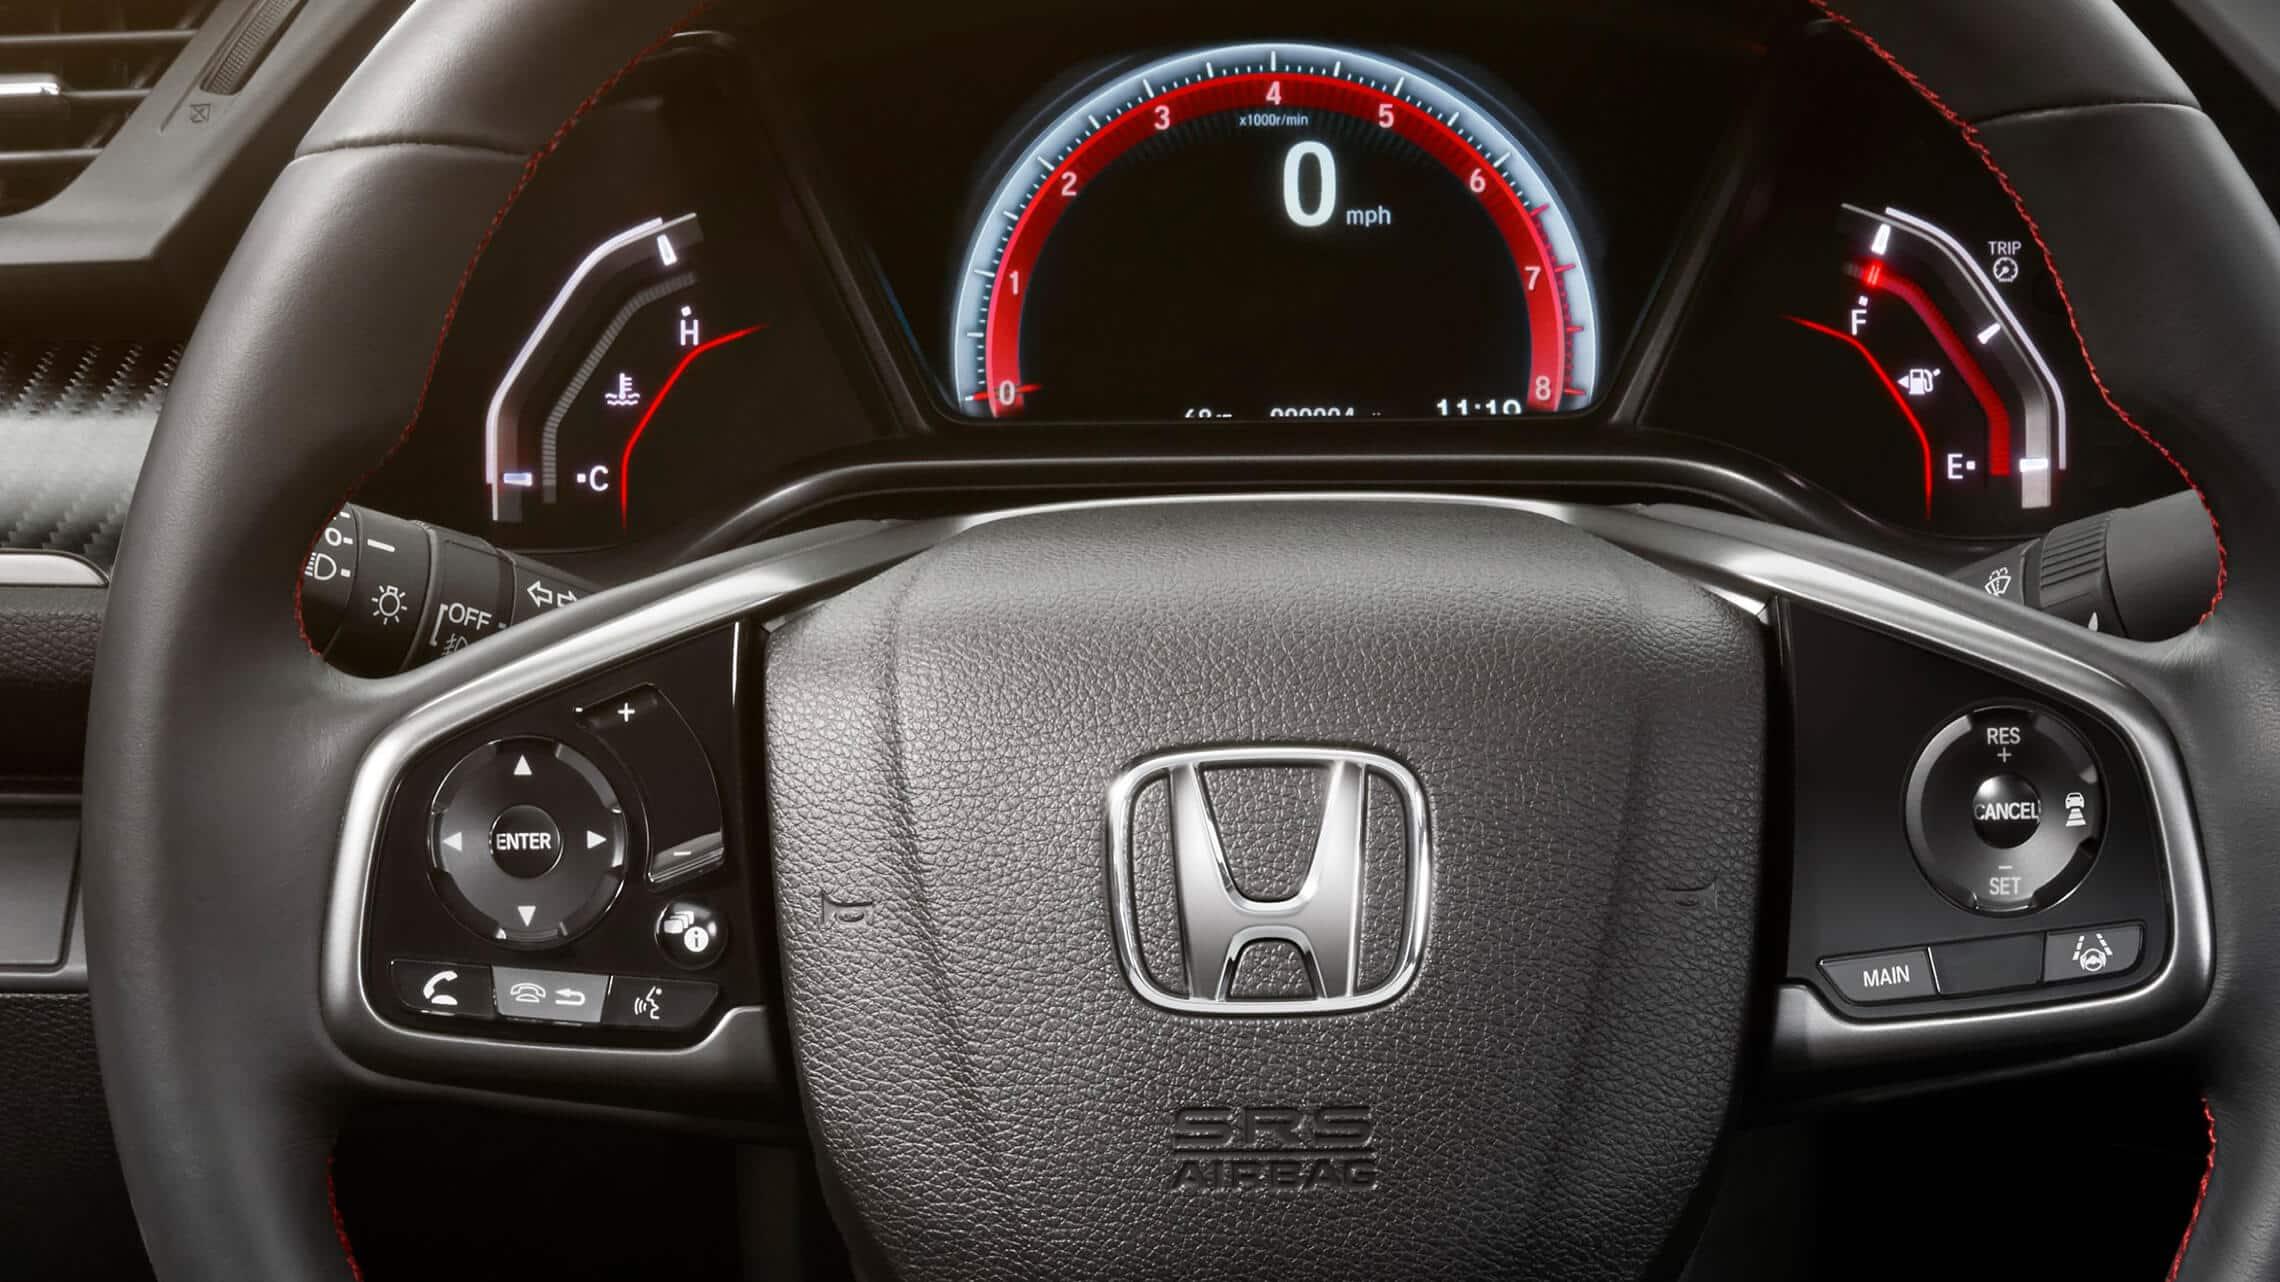 Detalle de los controles instalados en el volante en el Honda Civic Si Sedán2020.